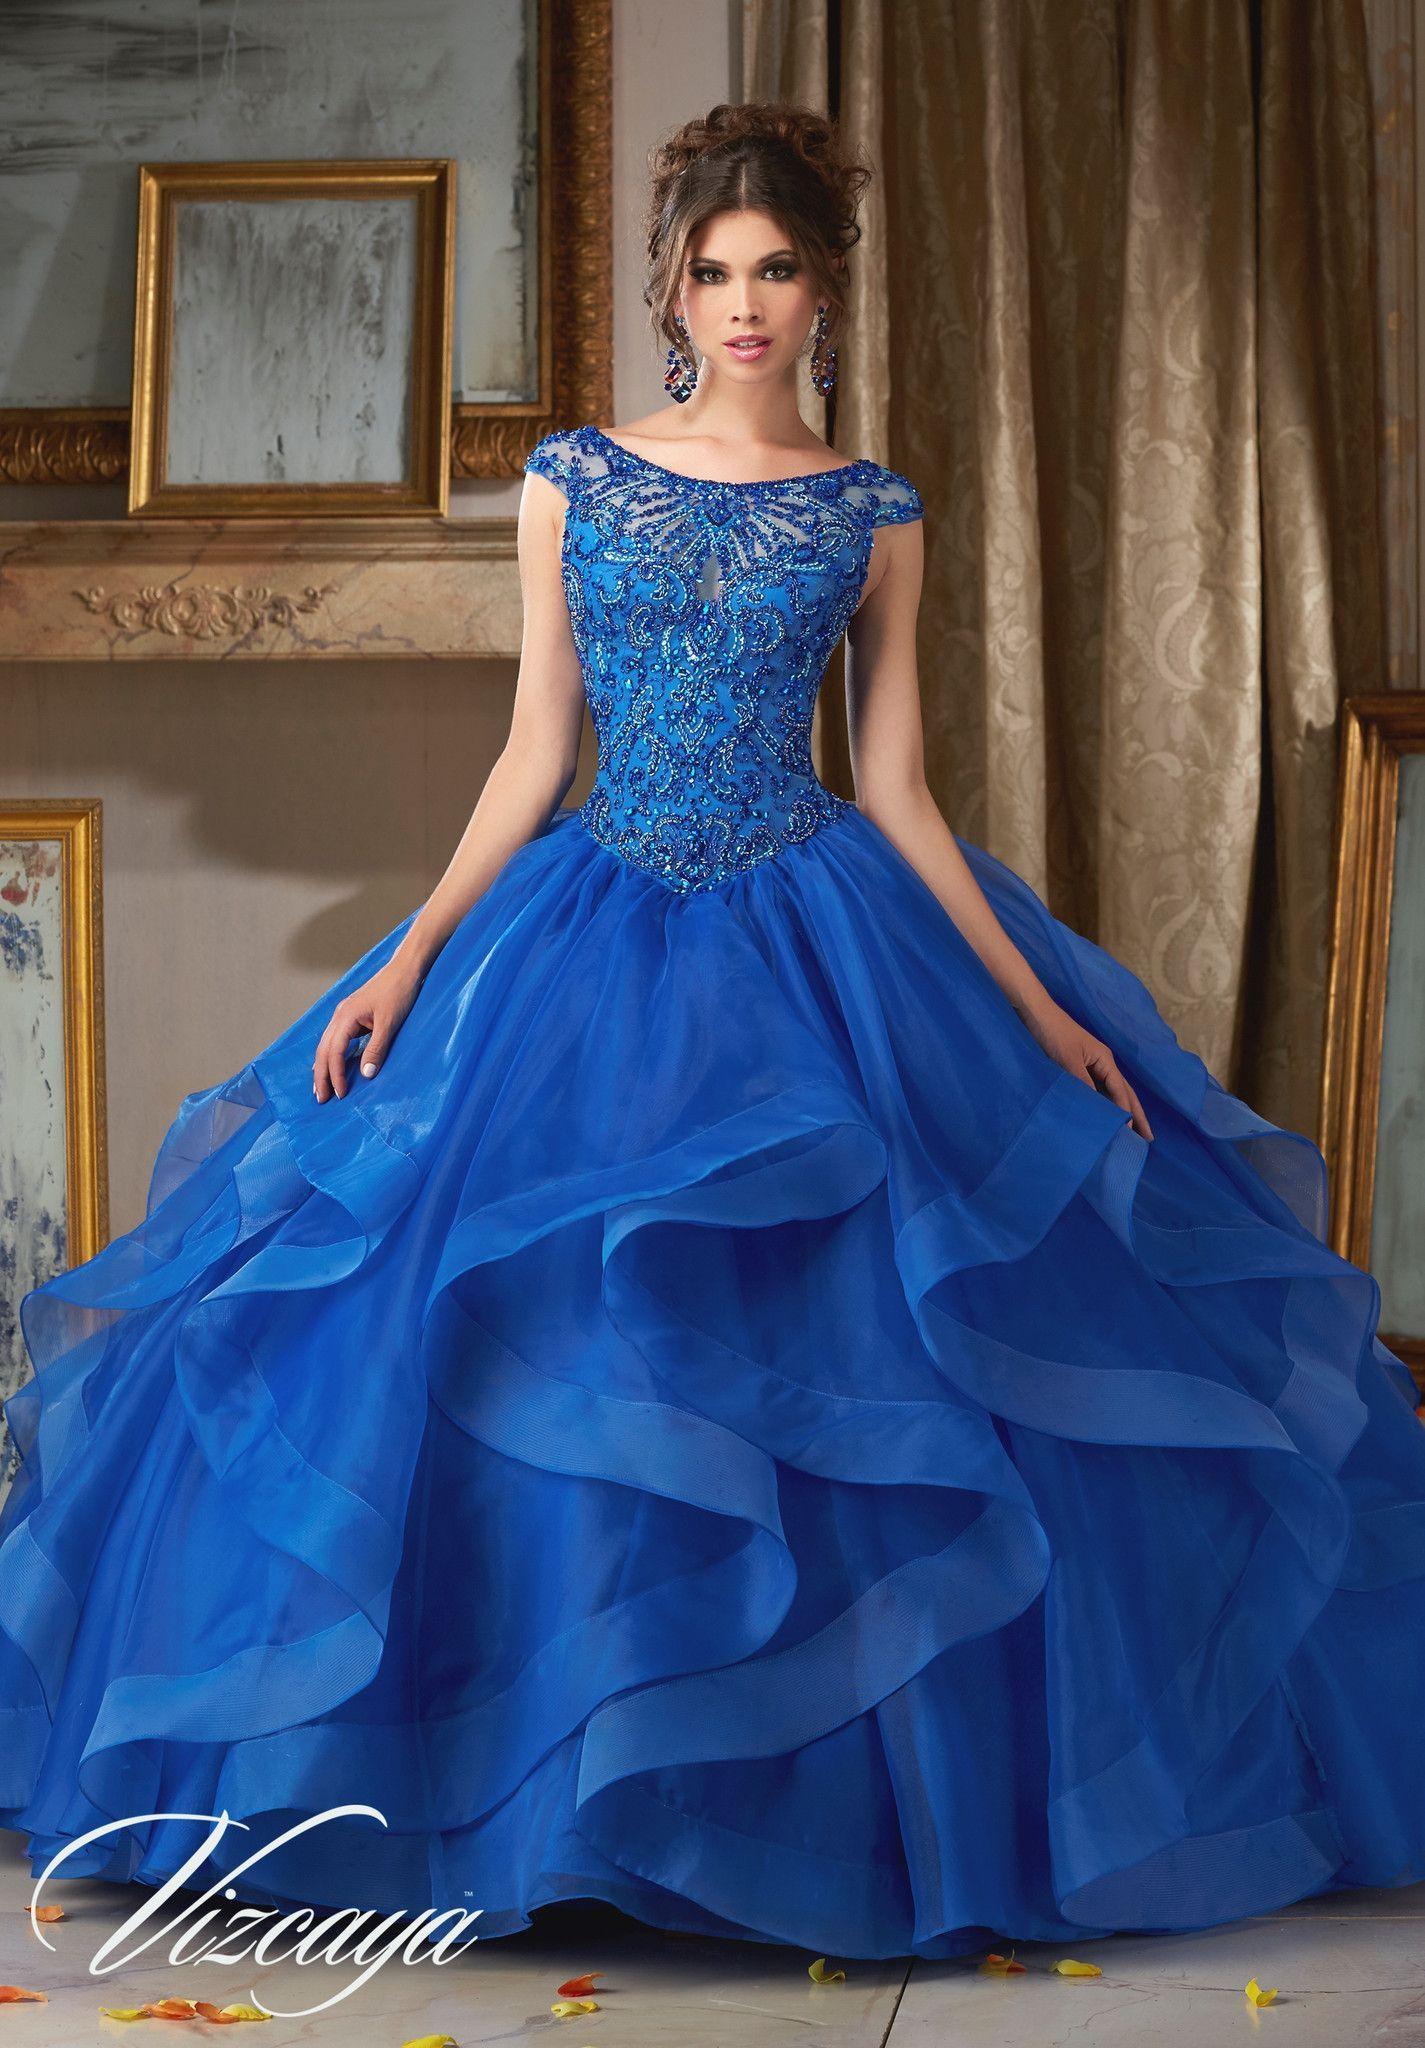 Mori Lee Quinceanera Dress 89117 | Abendgarderobe, Kleider mode und ...